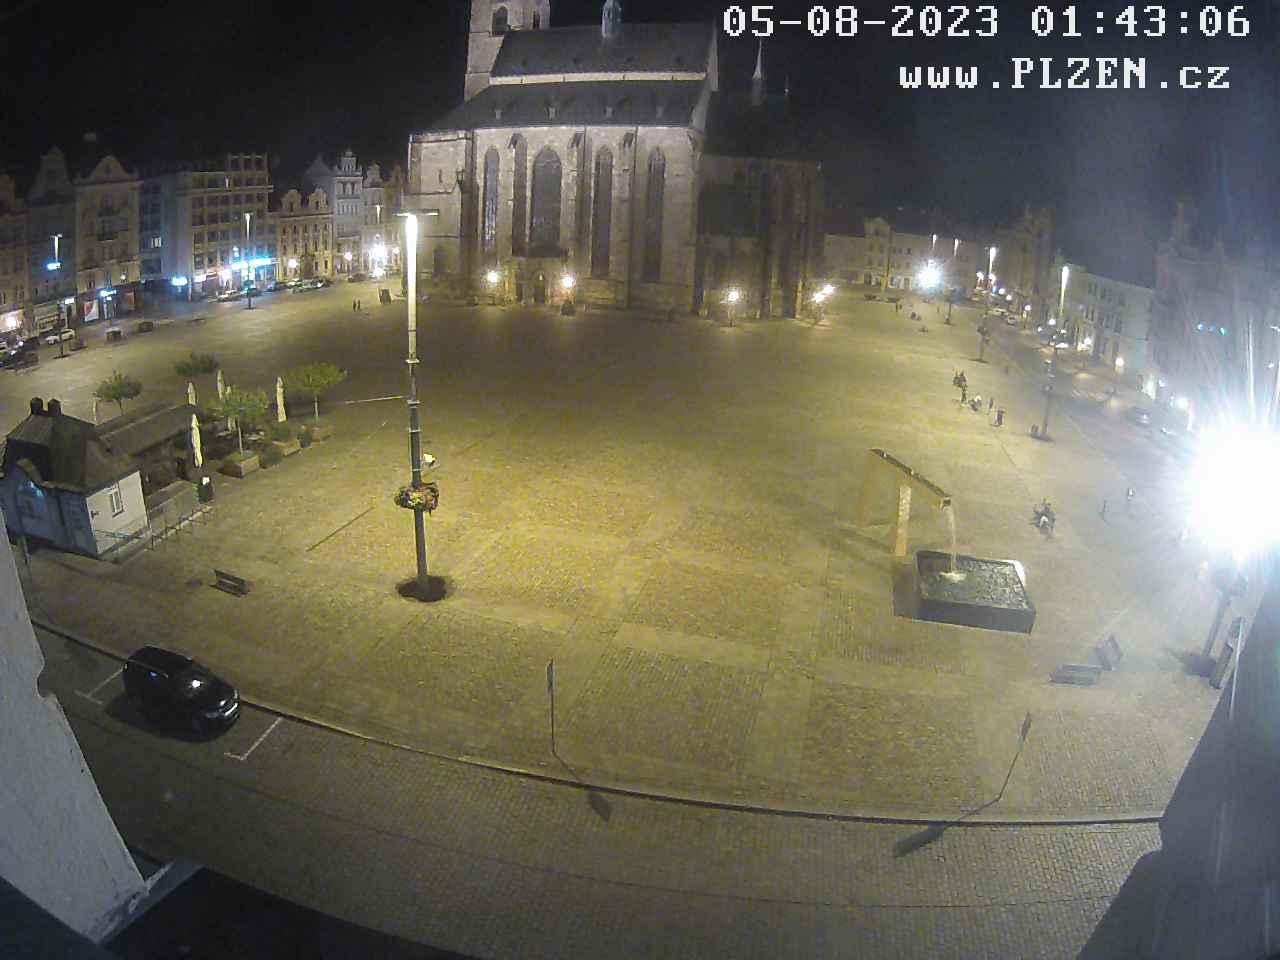 Webcam - Plzeň